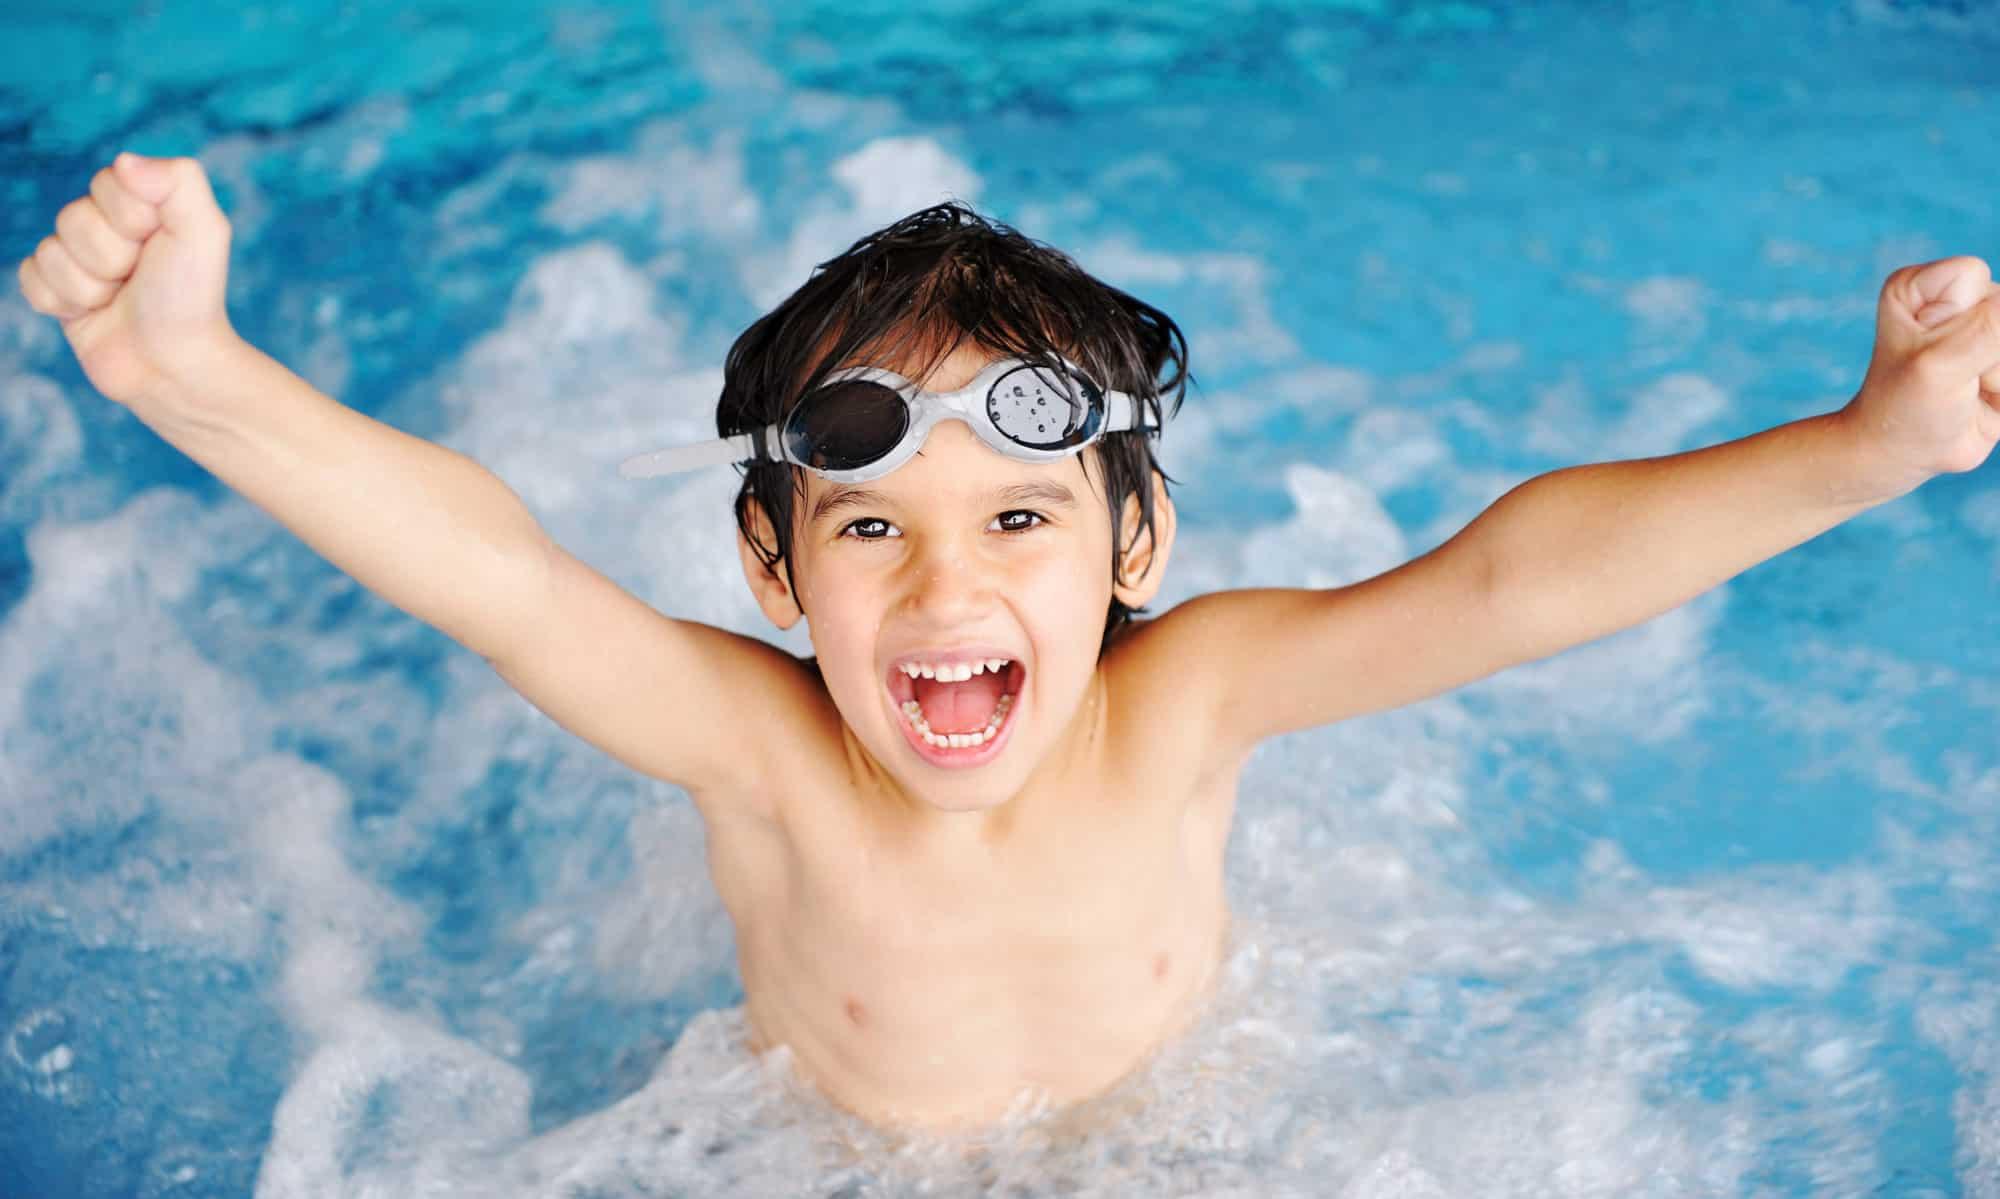 6ed1de5607a 5 забавни игри с които може да научите децата си да плуват | Bellamie